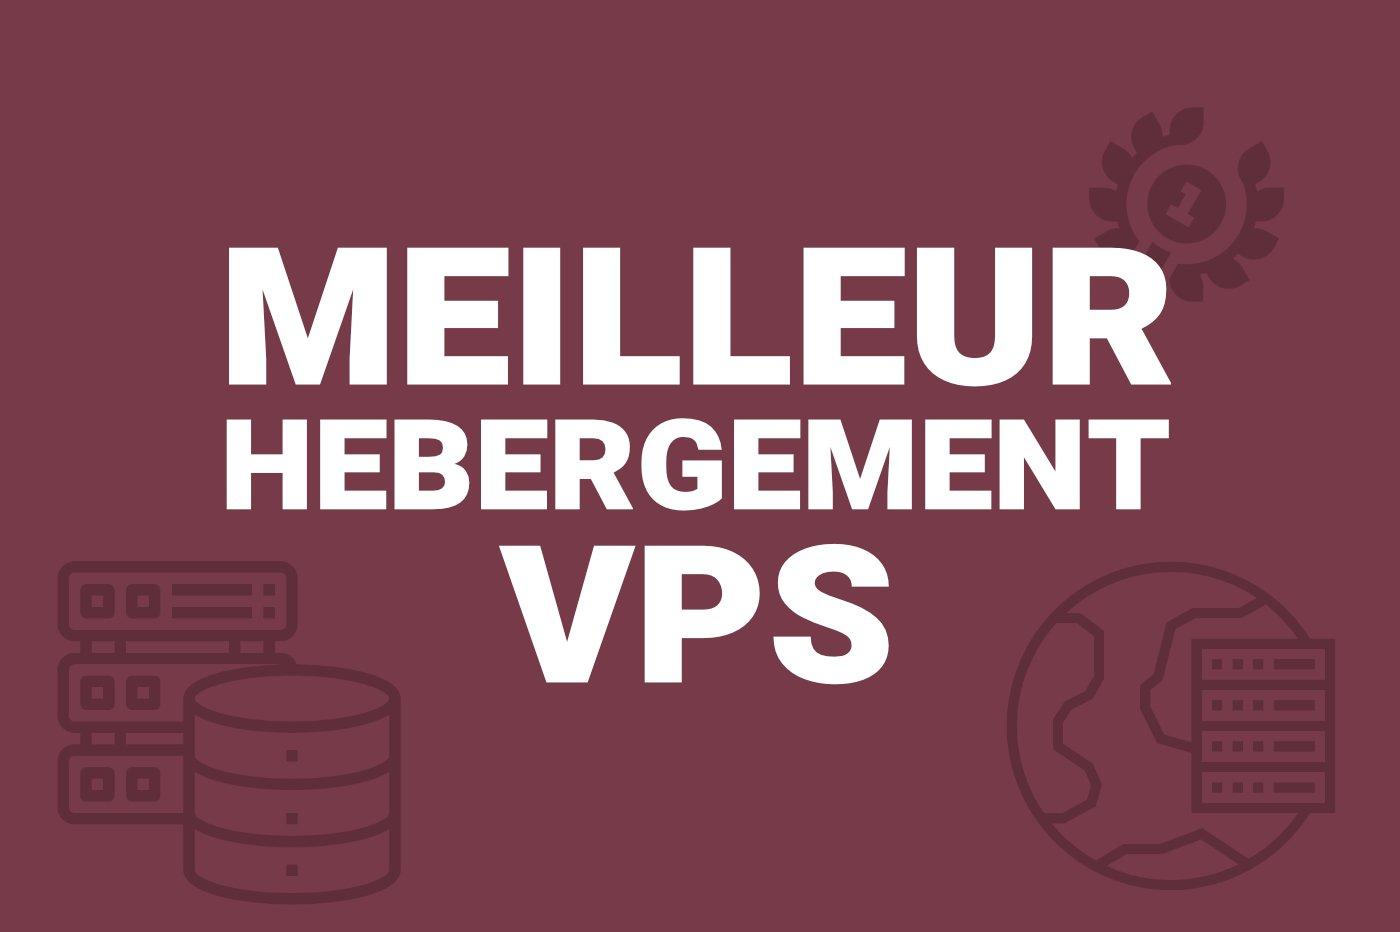 Hebergement web VPS